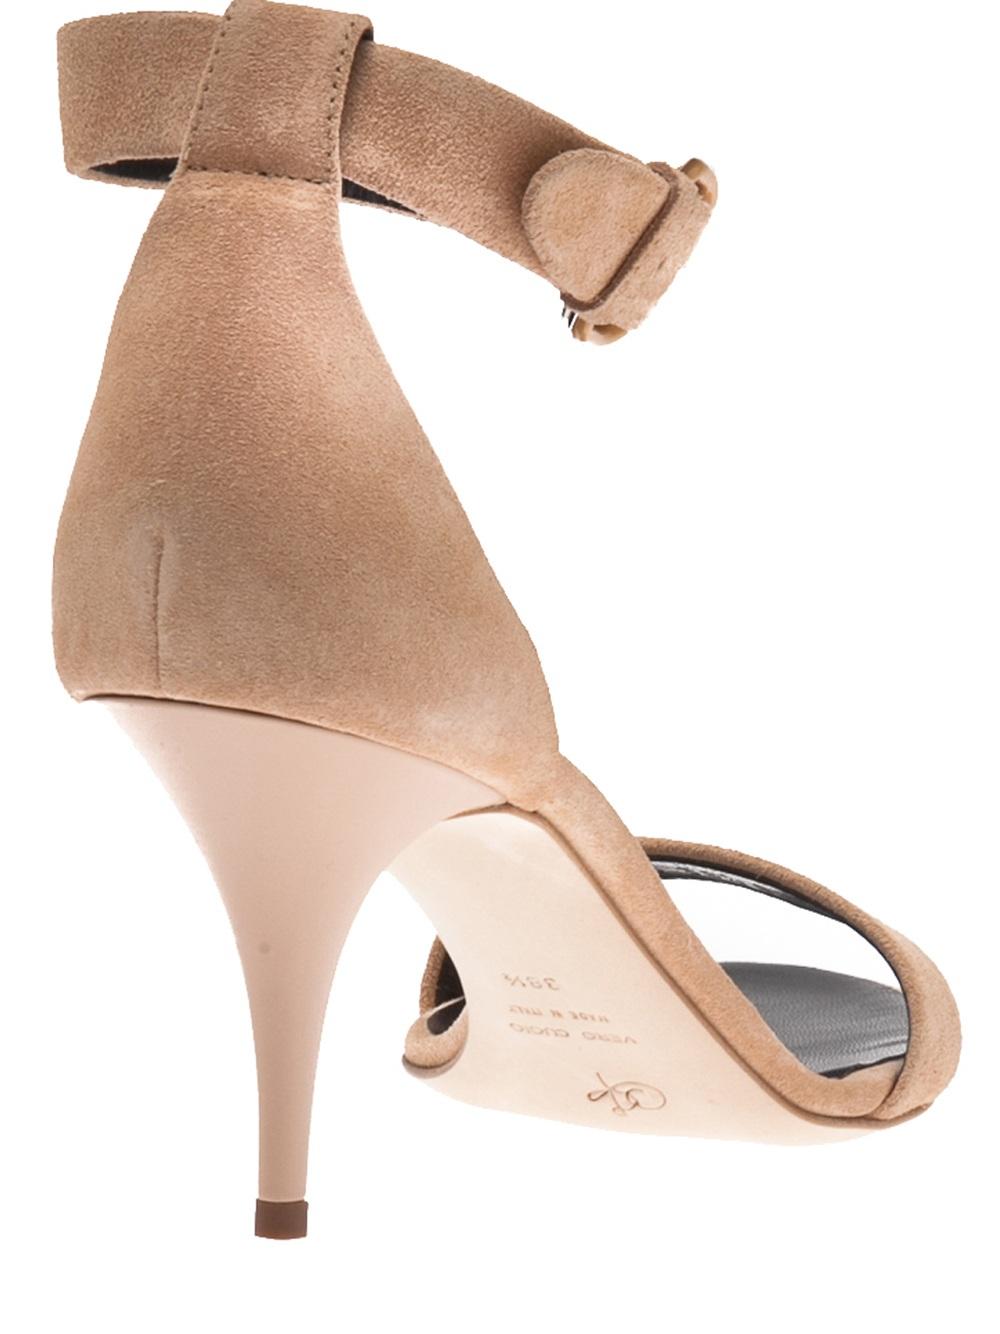 Nude Kitten Heel Sandals - Is Heel